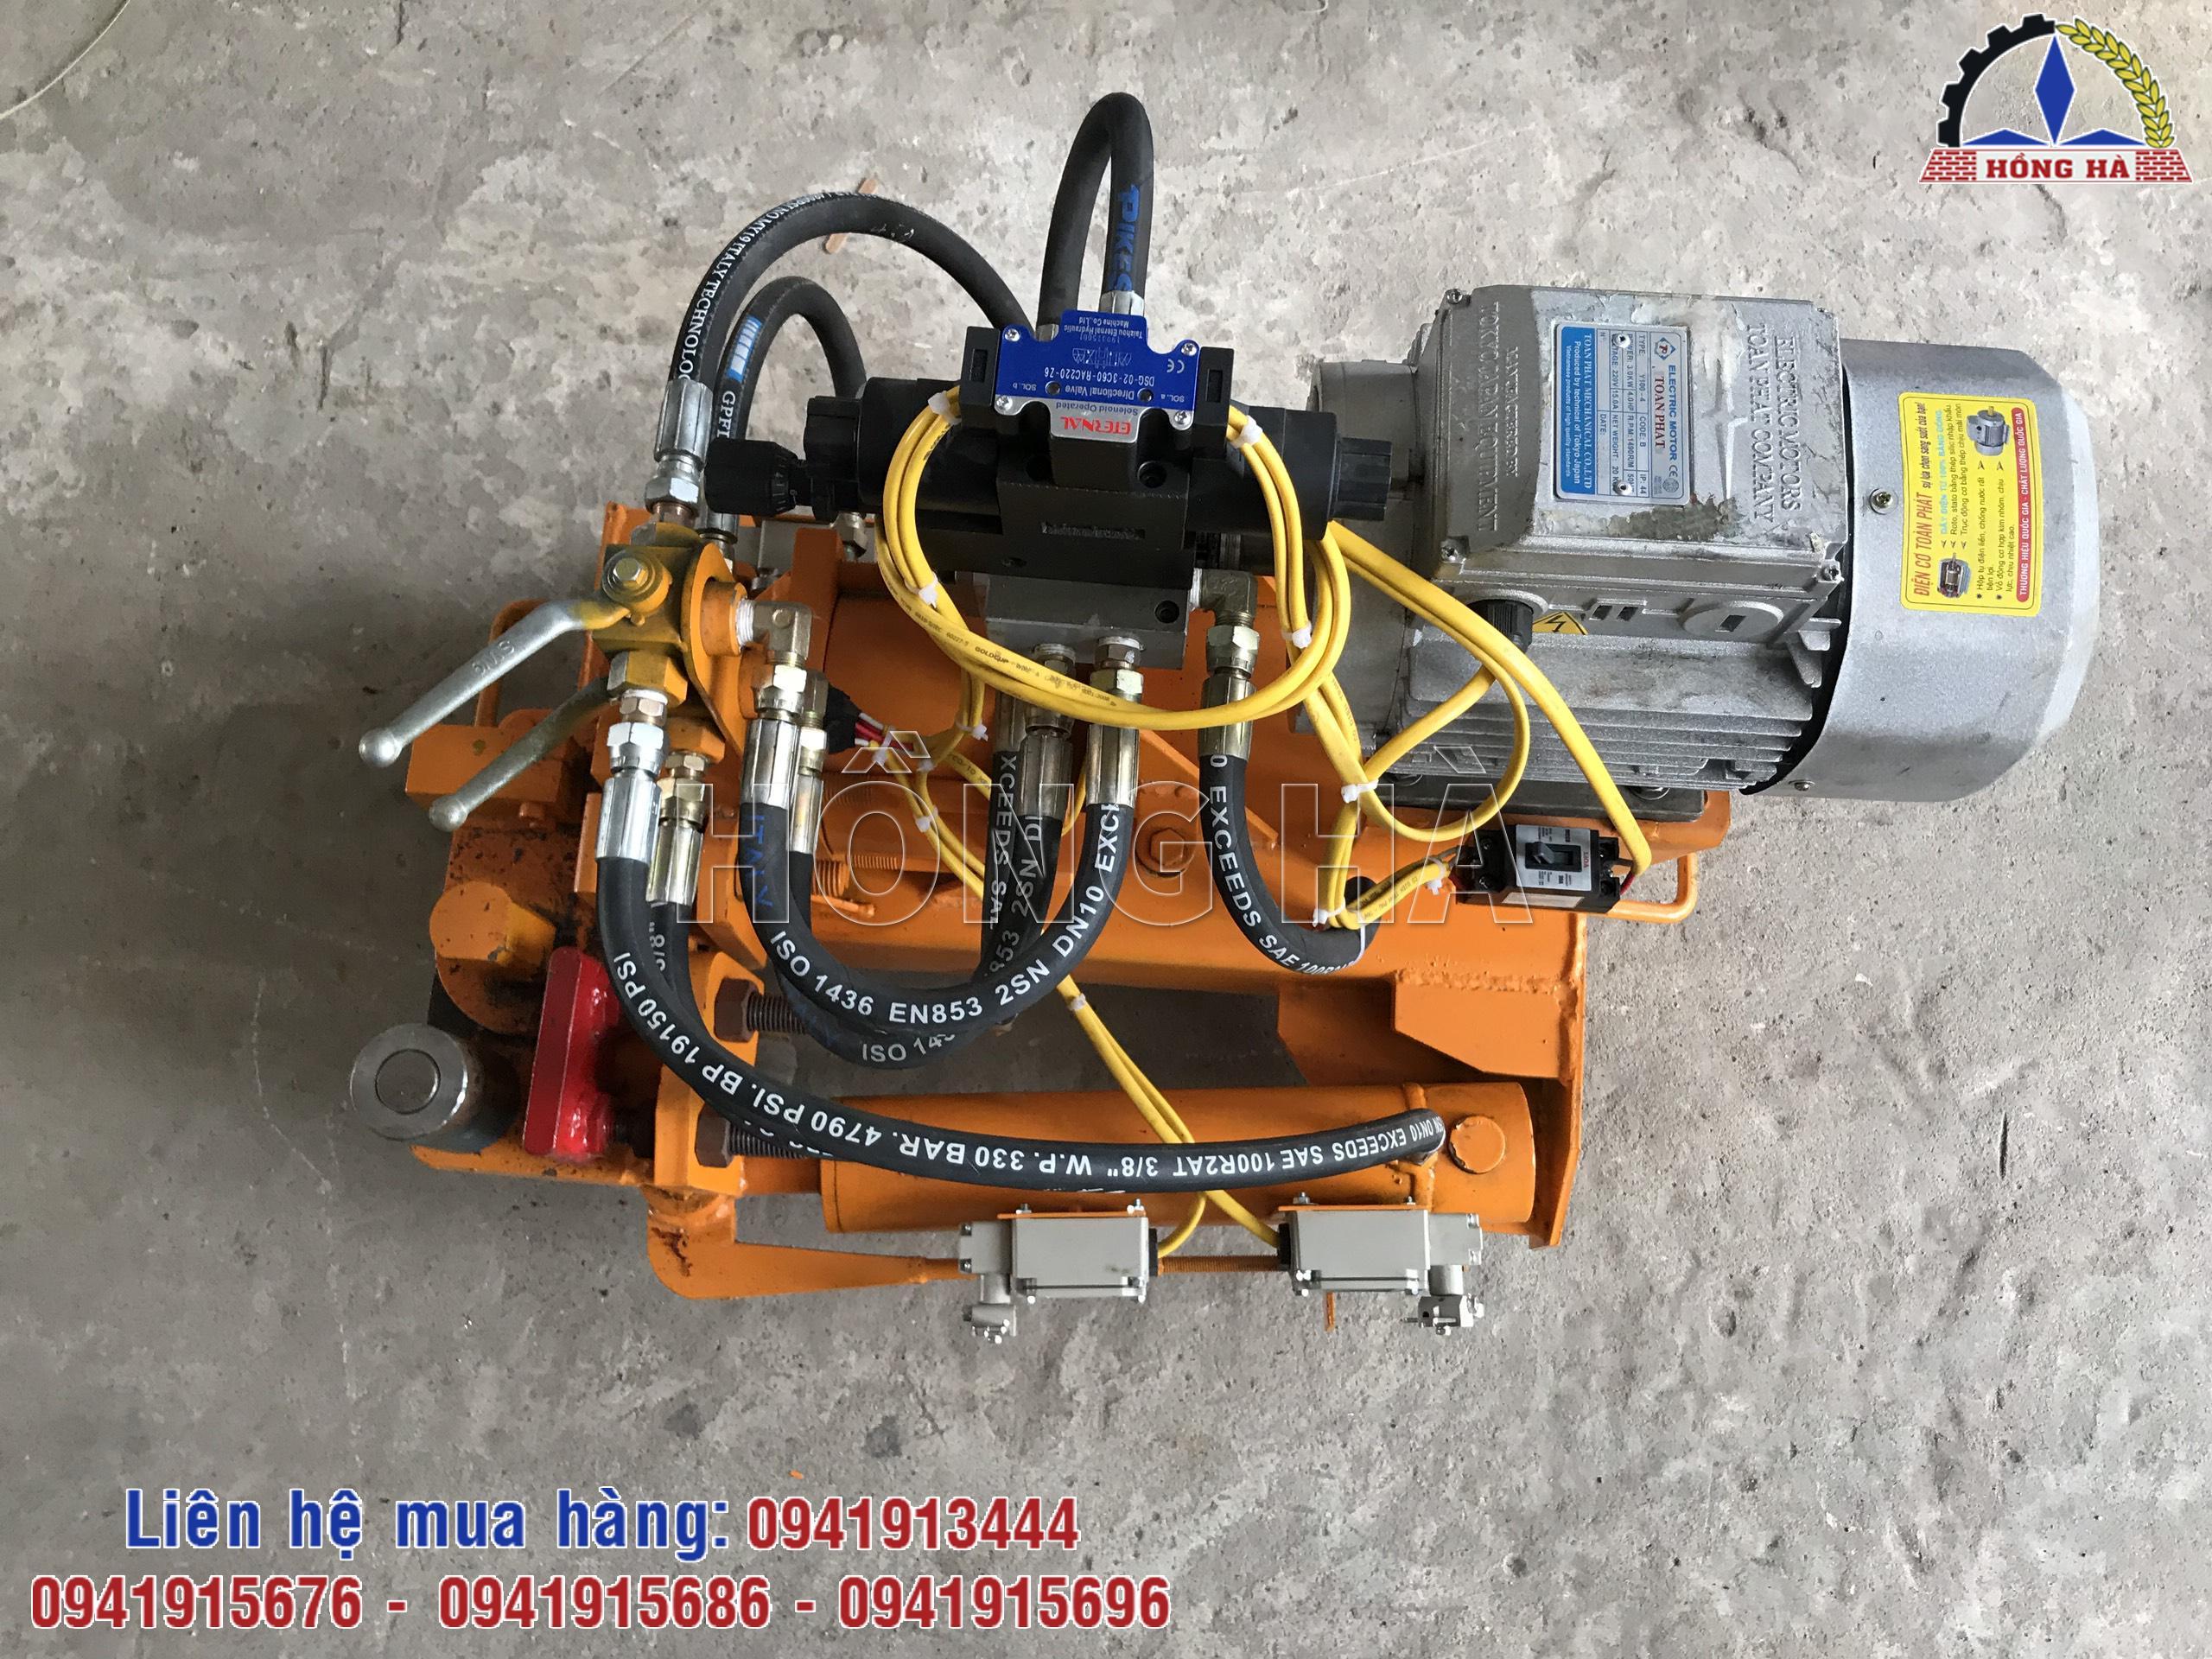 Máy cắt bẻ sắt CBF25 Hồng Hà có mặt trên khắp mọi miền của Tổ quốc